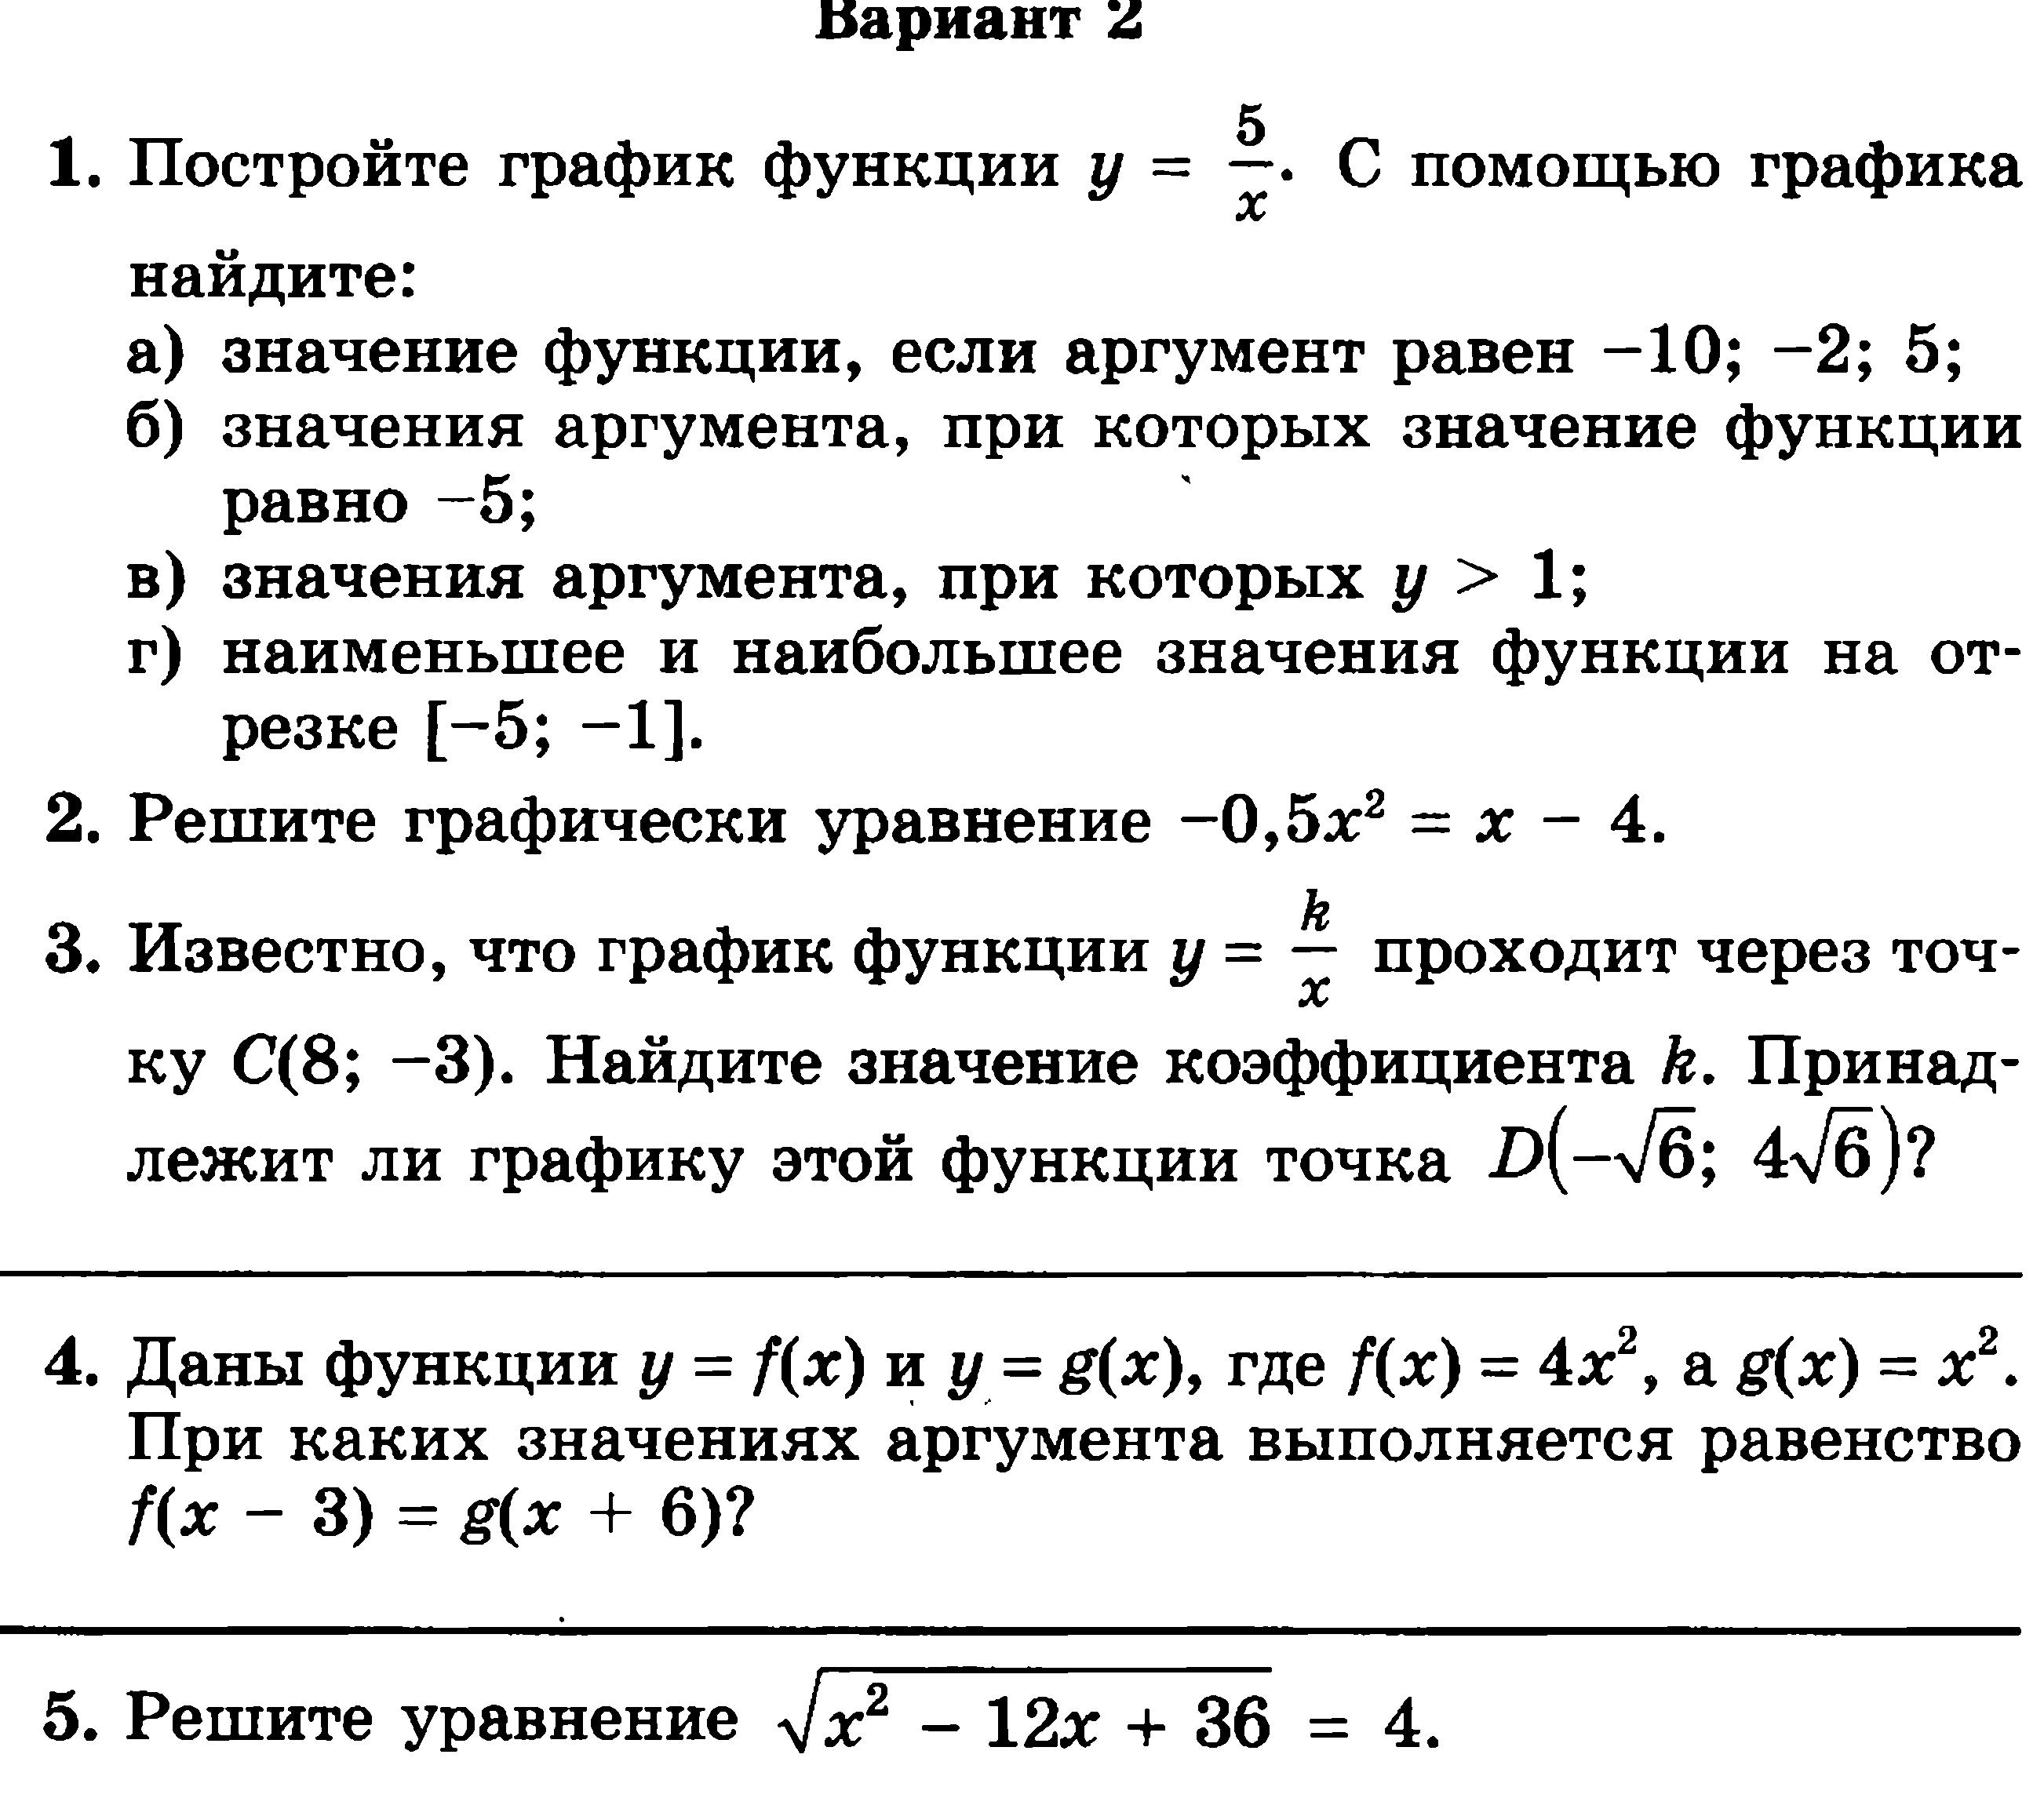 Точные решения тренировочной карточки 5 с алгебрарическими примерами для 8 класса